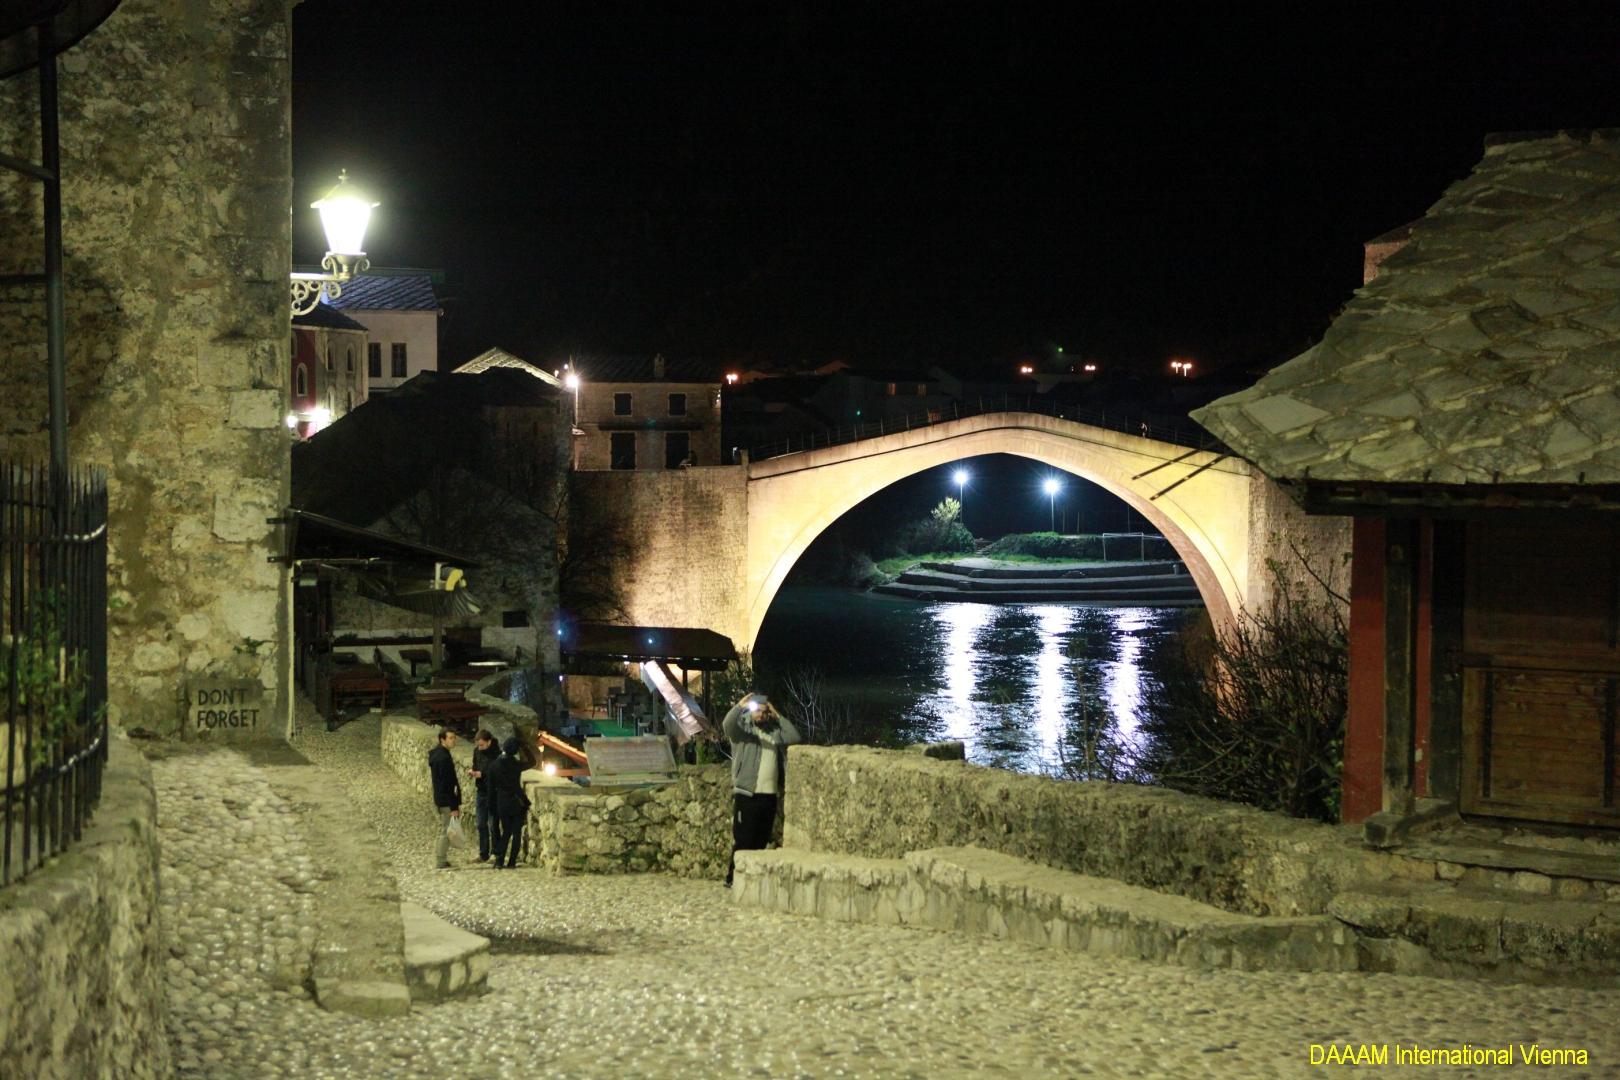 DAAAM_2016_Mostar_01_Magic_City_of_Mostar_190